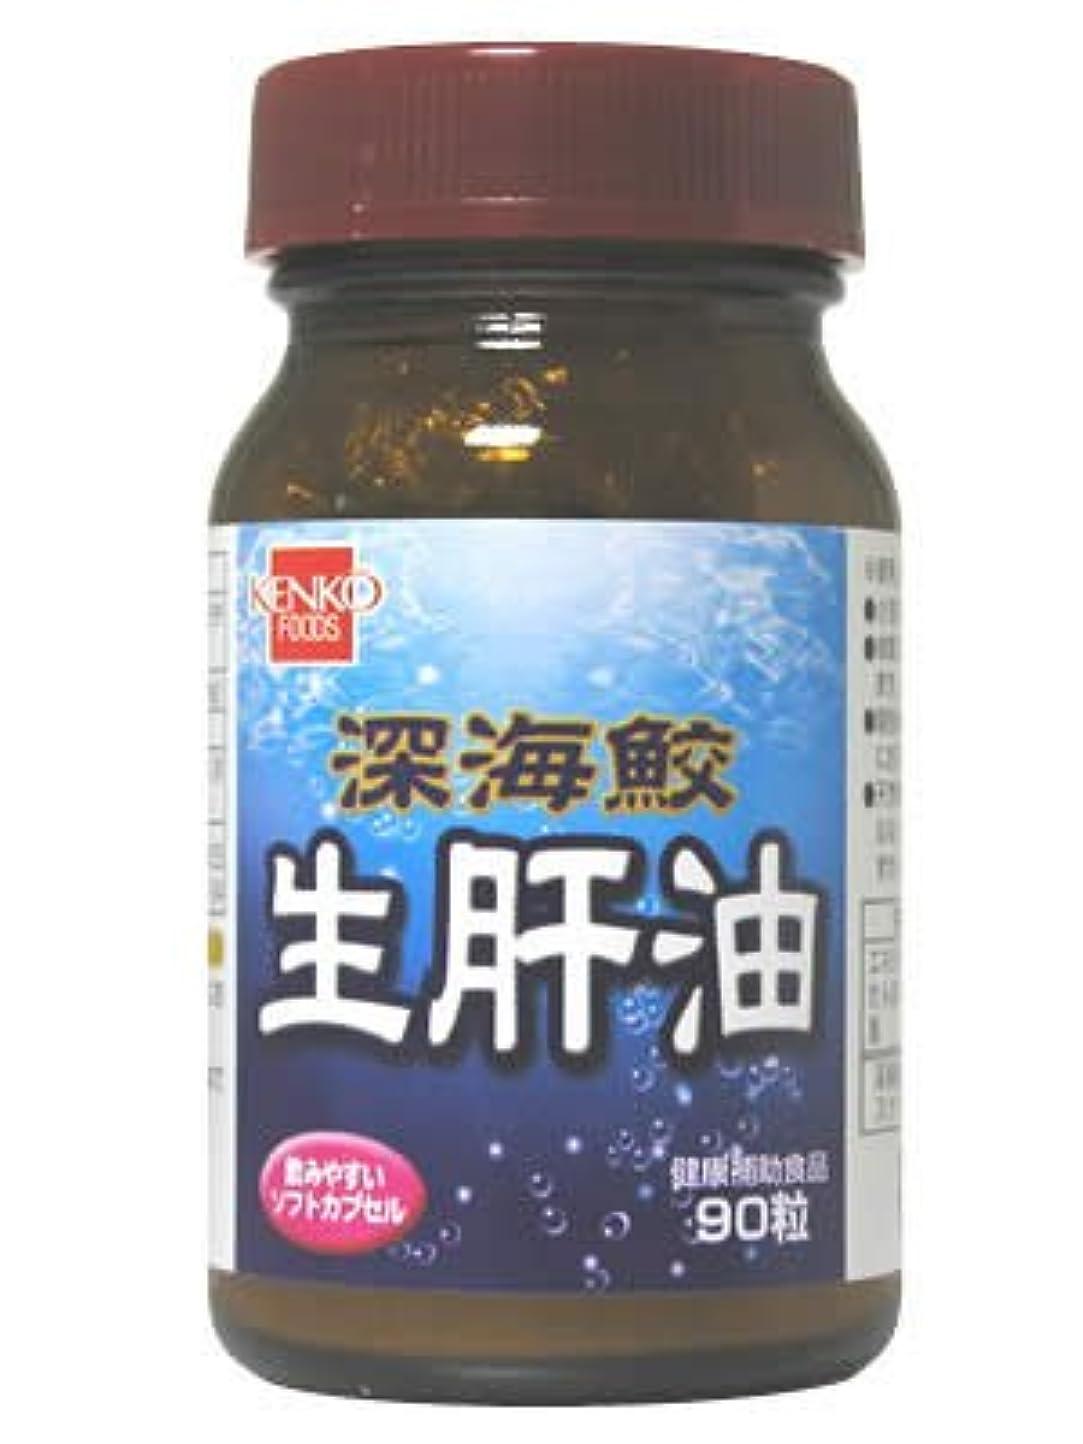 前投薬胆嚢意欲健康フーズ 深海鮫生肝油 90粒